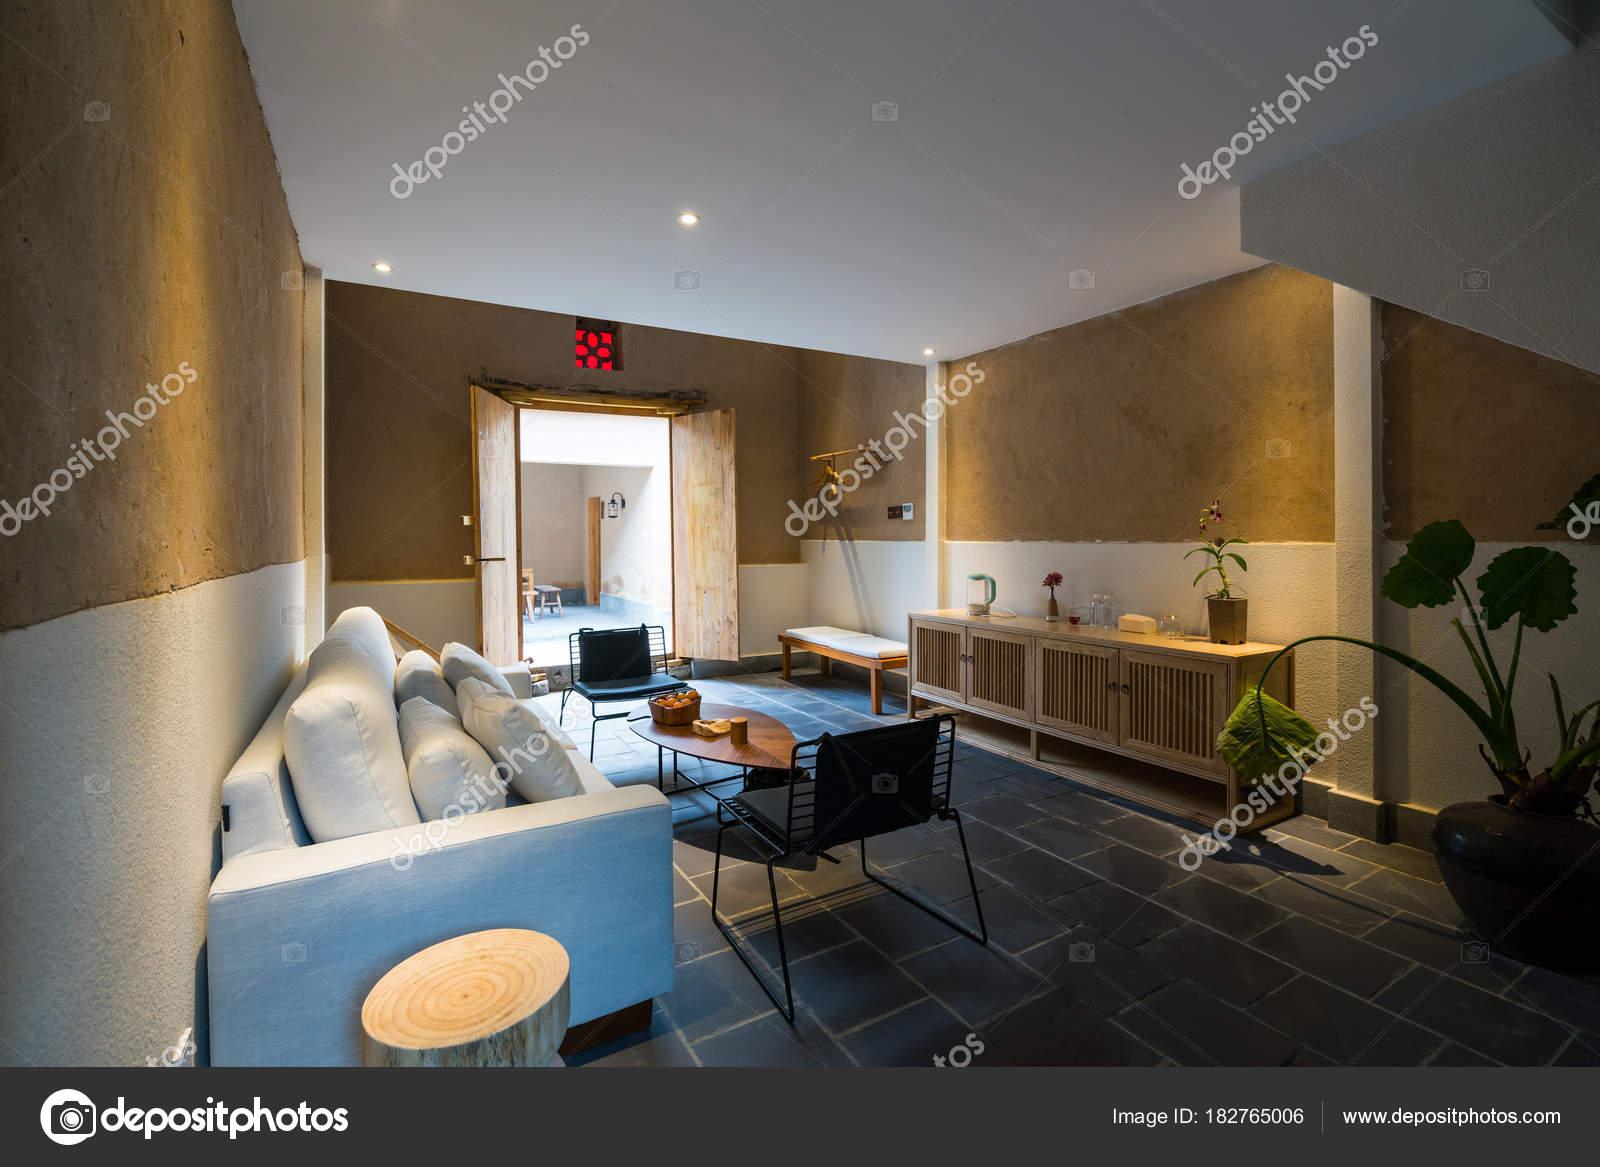 schönes Haus innen — Stockfoto © roseburn3djob #182765006